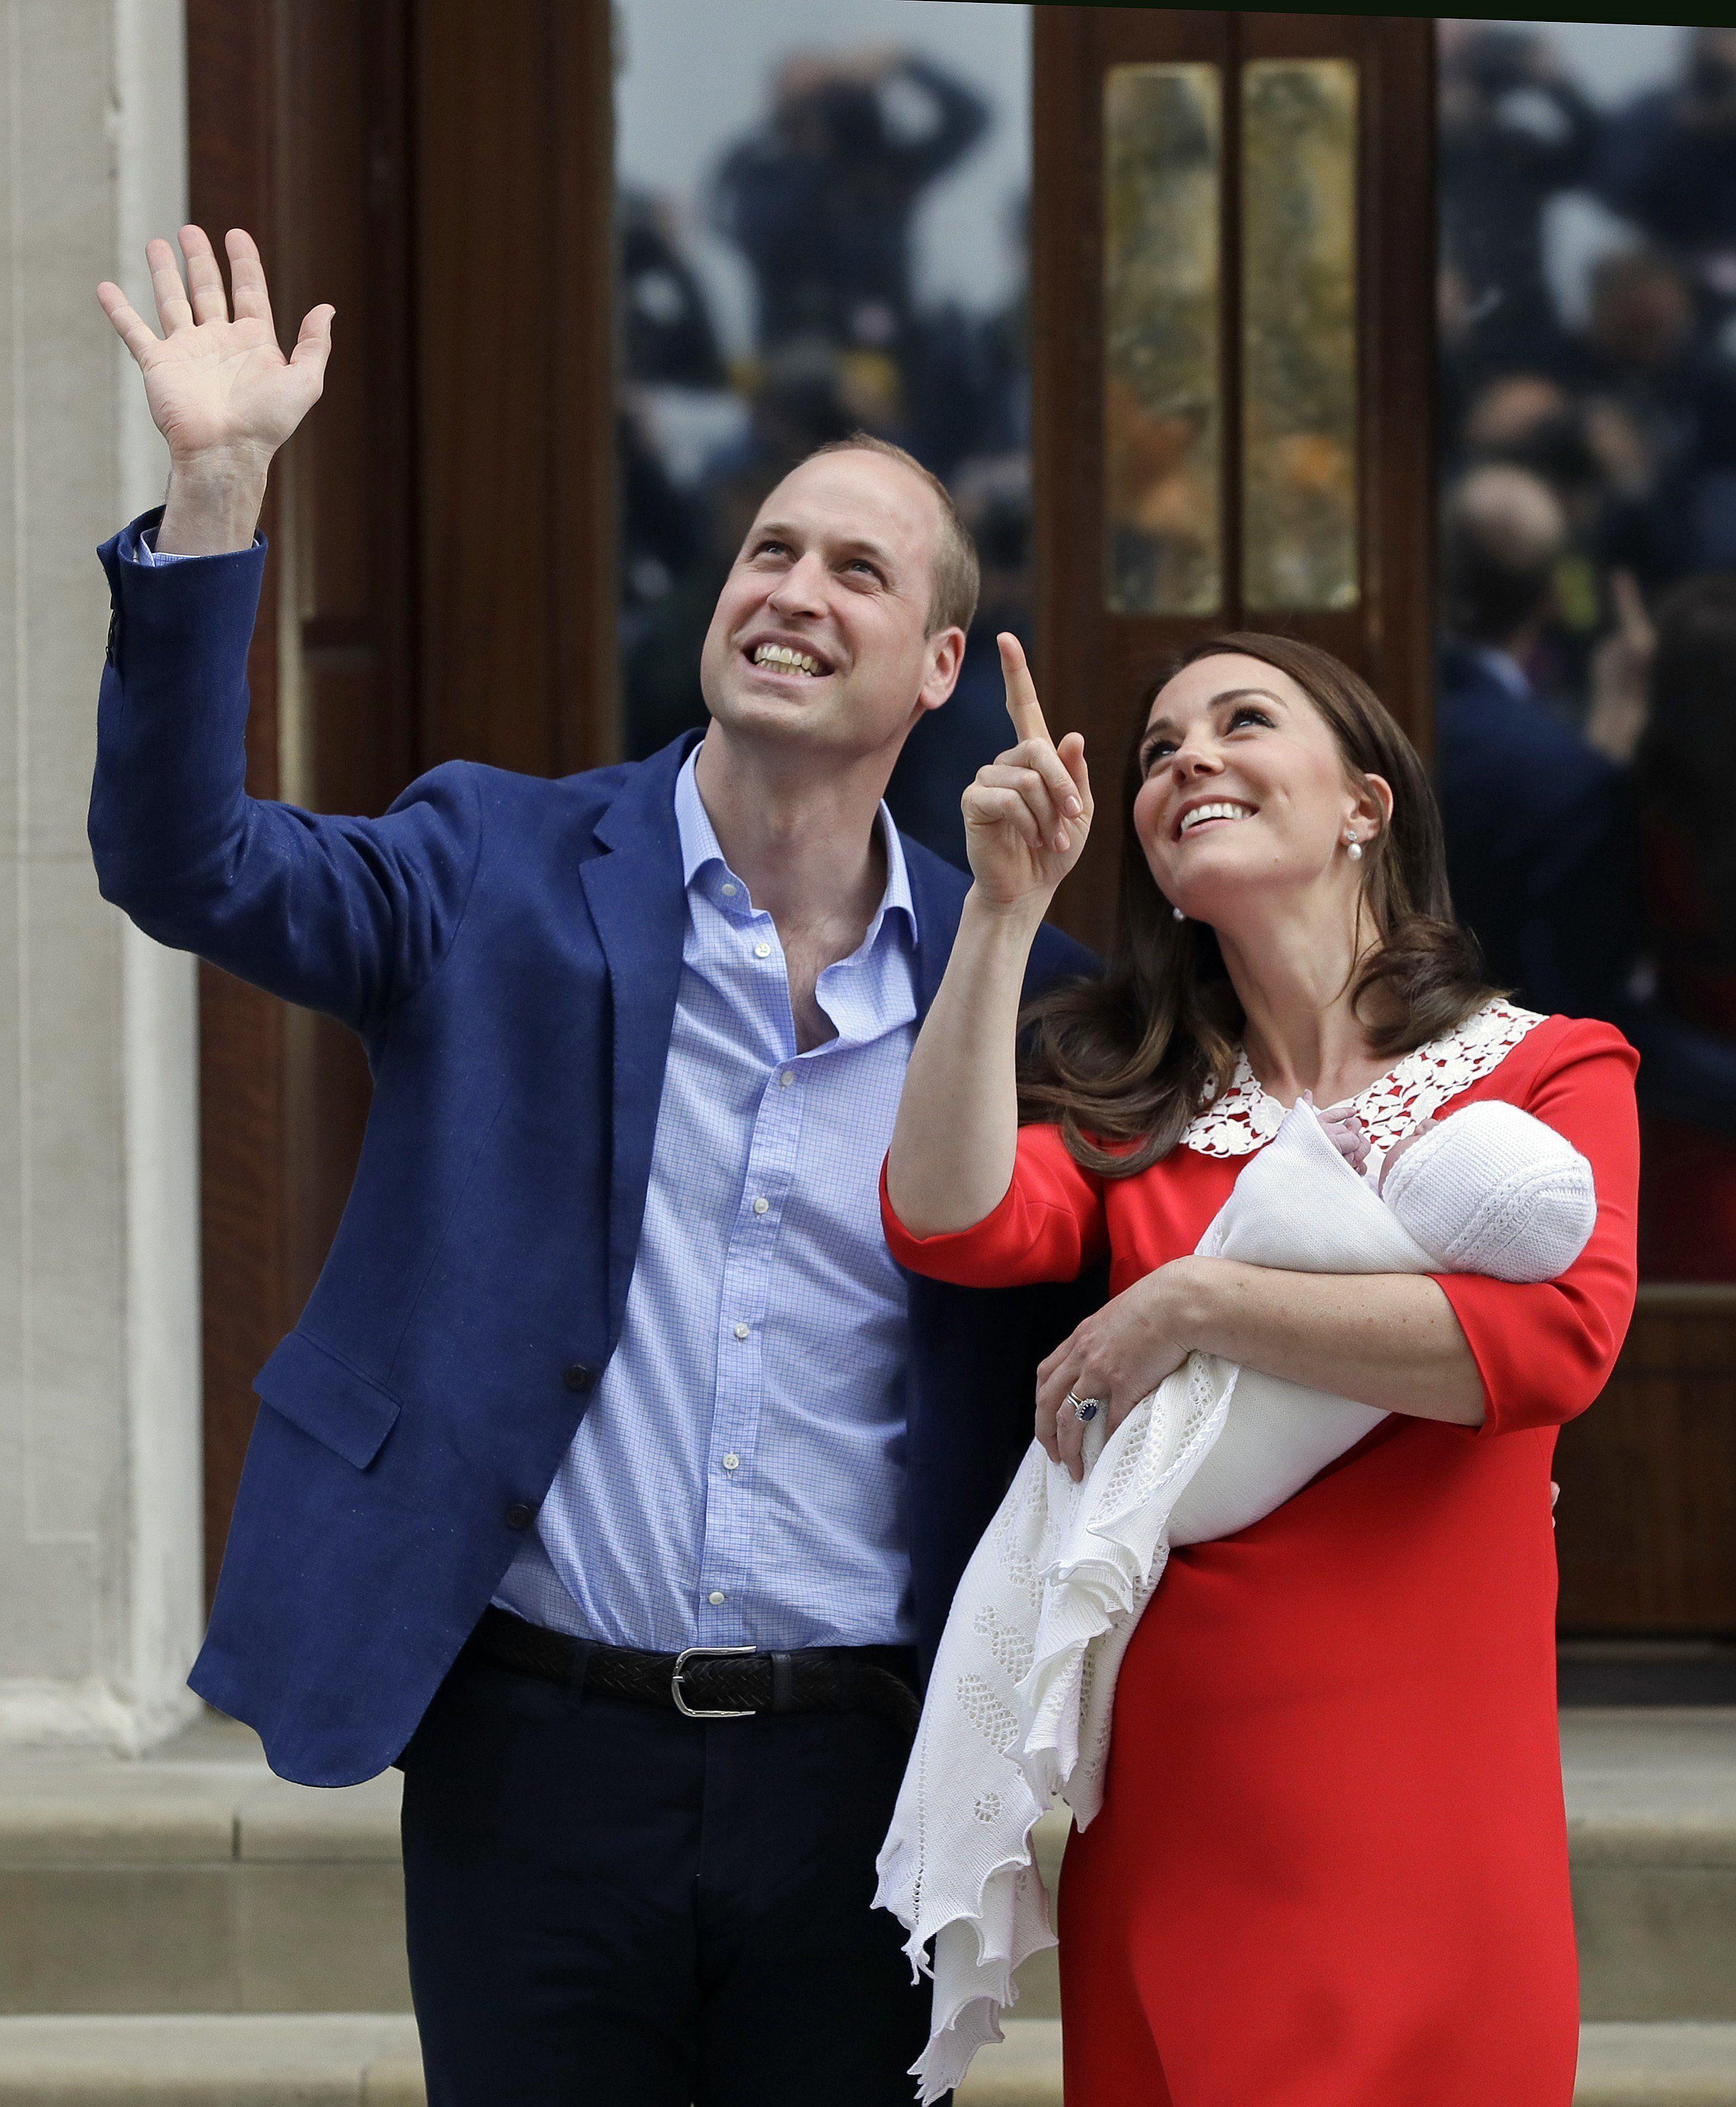 Megvan a név! Így hívják Katalin hercegné és Vilmos harmadik gyermekét